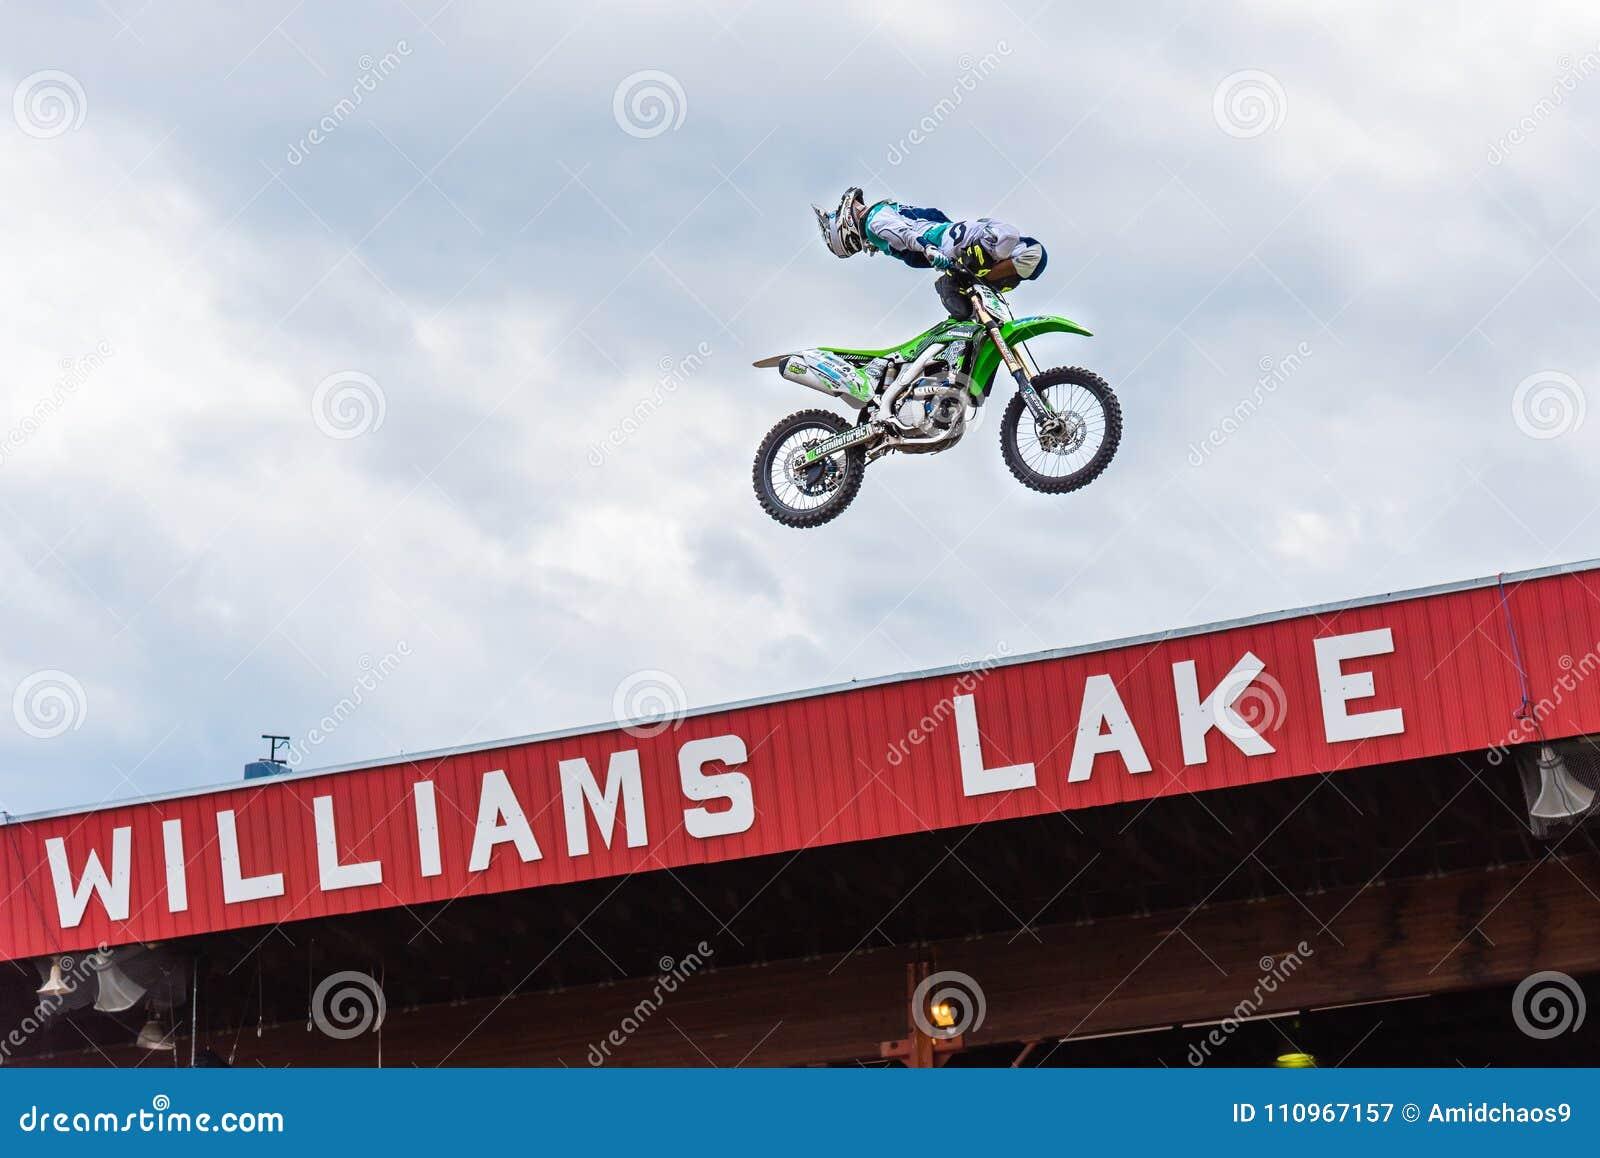 Fachowy stylu wolnego motocross członek zaspołu wykonuje wyczyn kaskaderski wysokość nad widownia